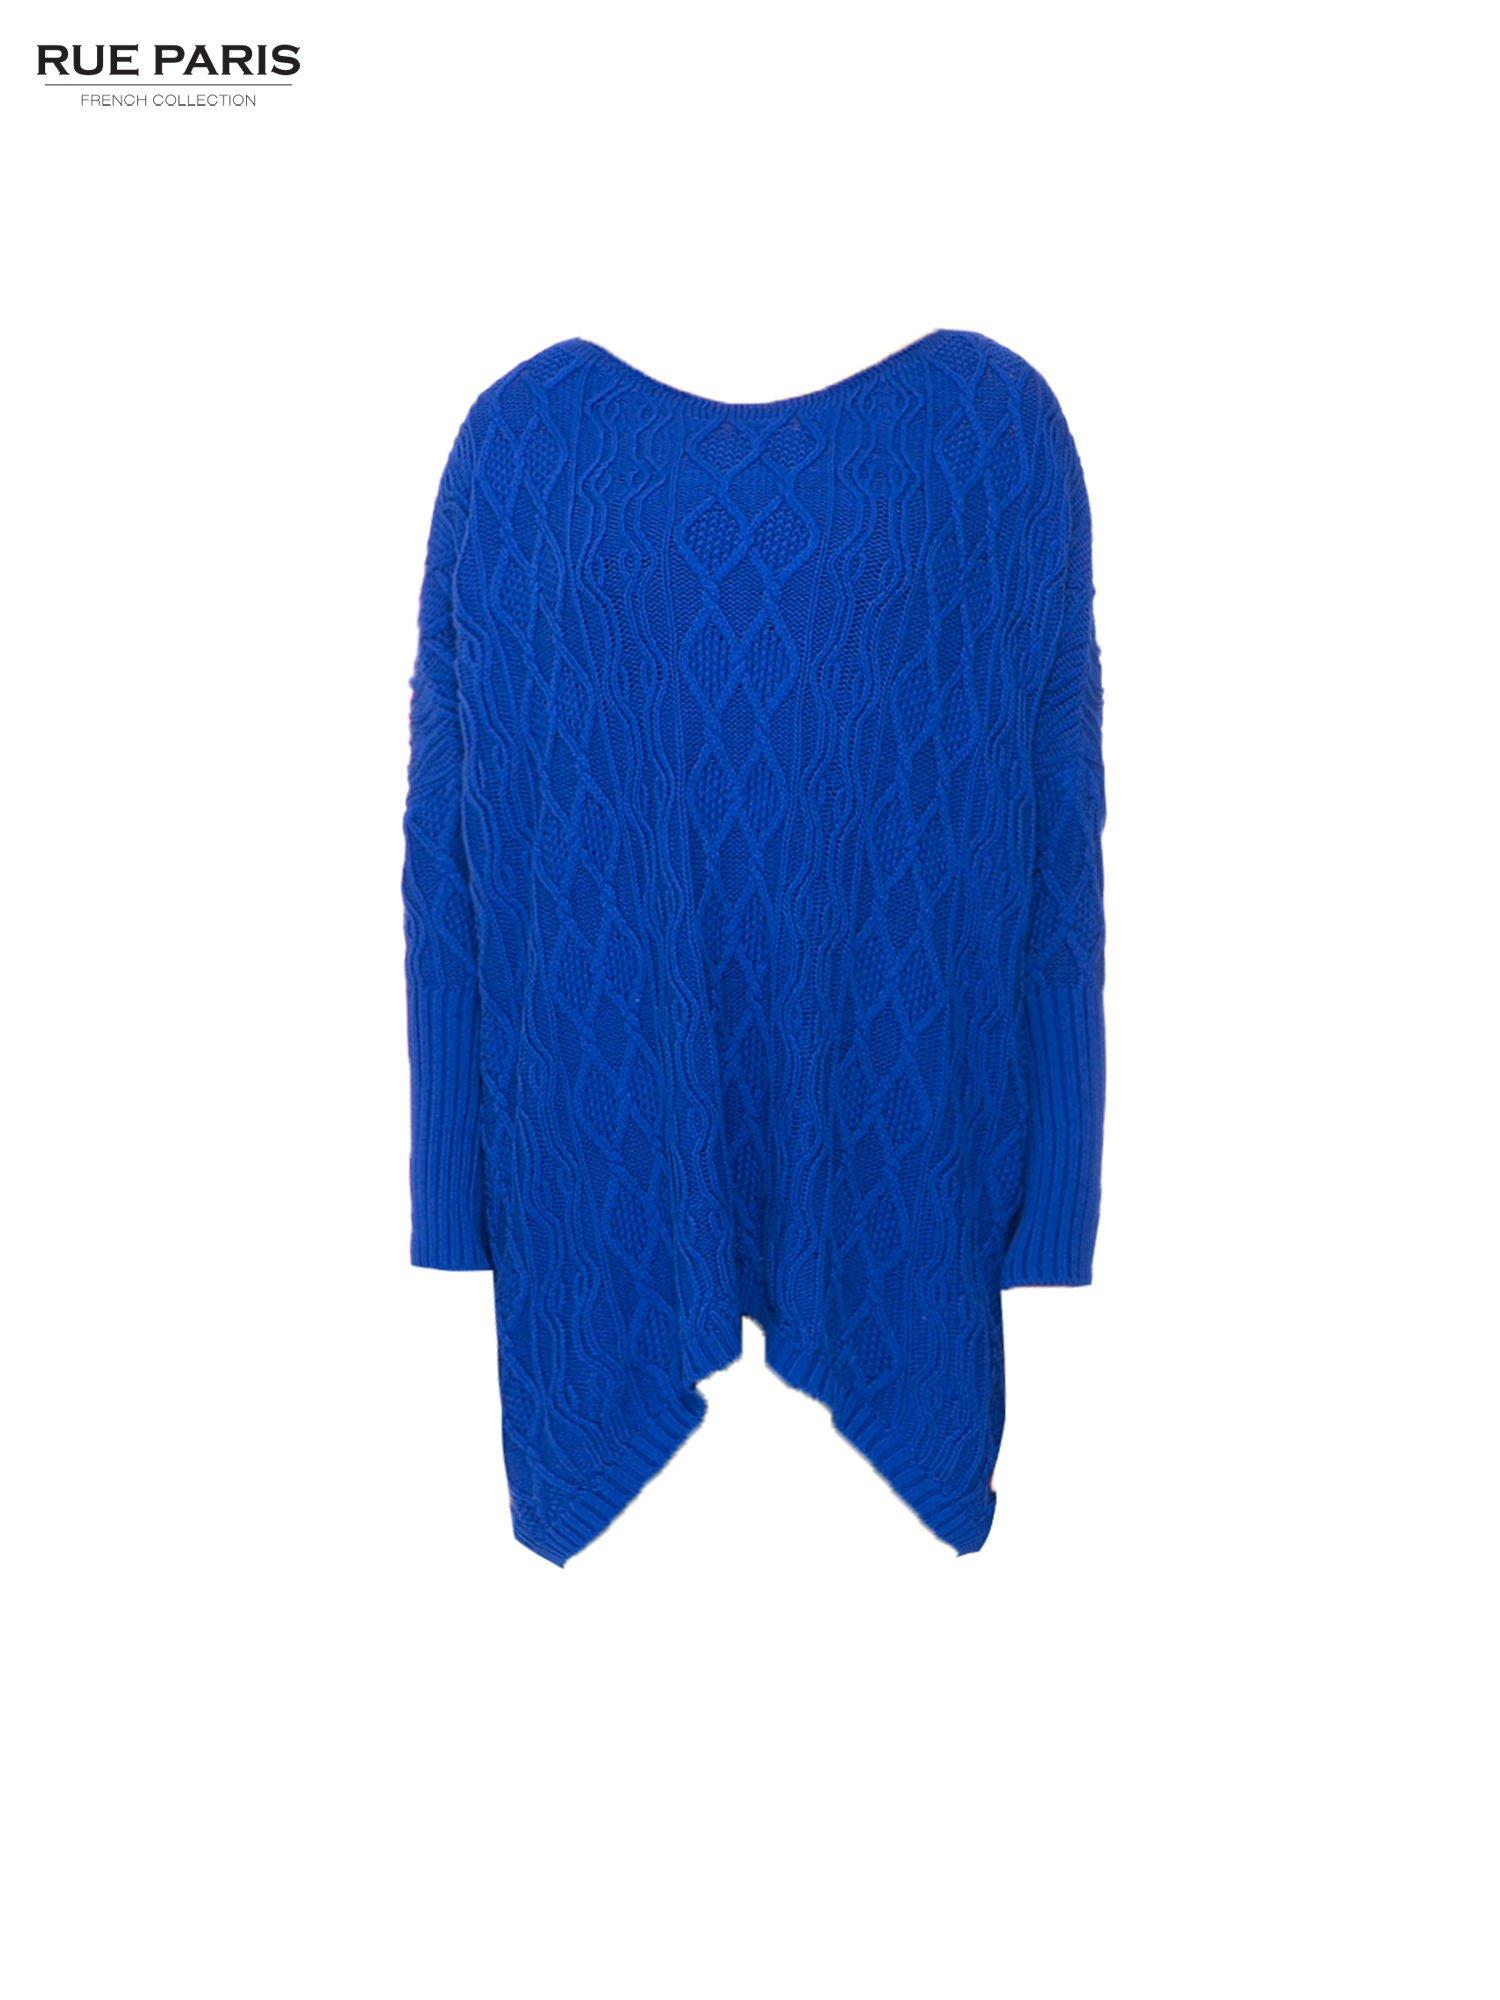 Niebieski dziergany długi sweter o kroju oversize                                  zdj.                                  5